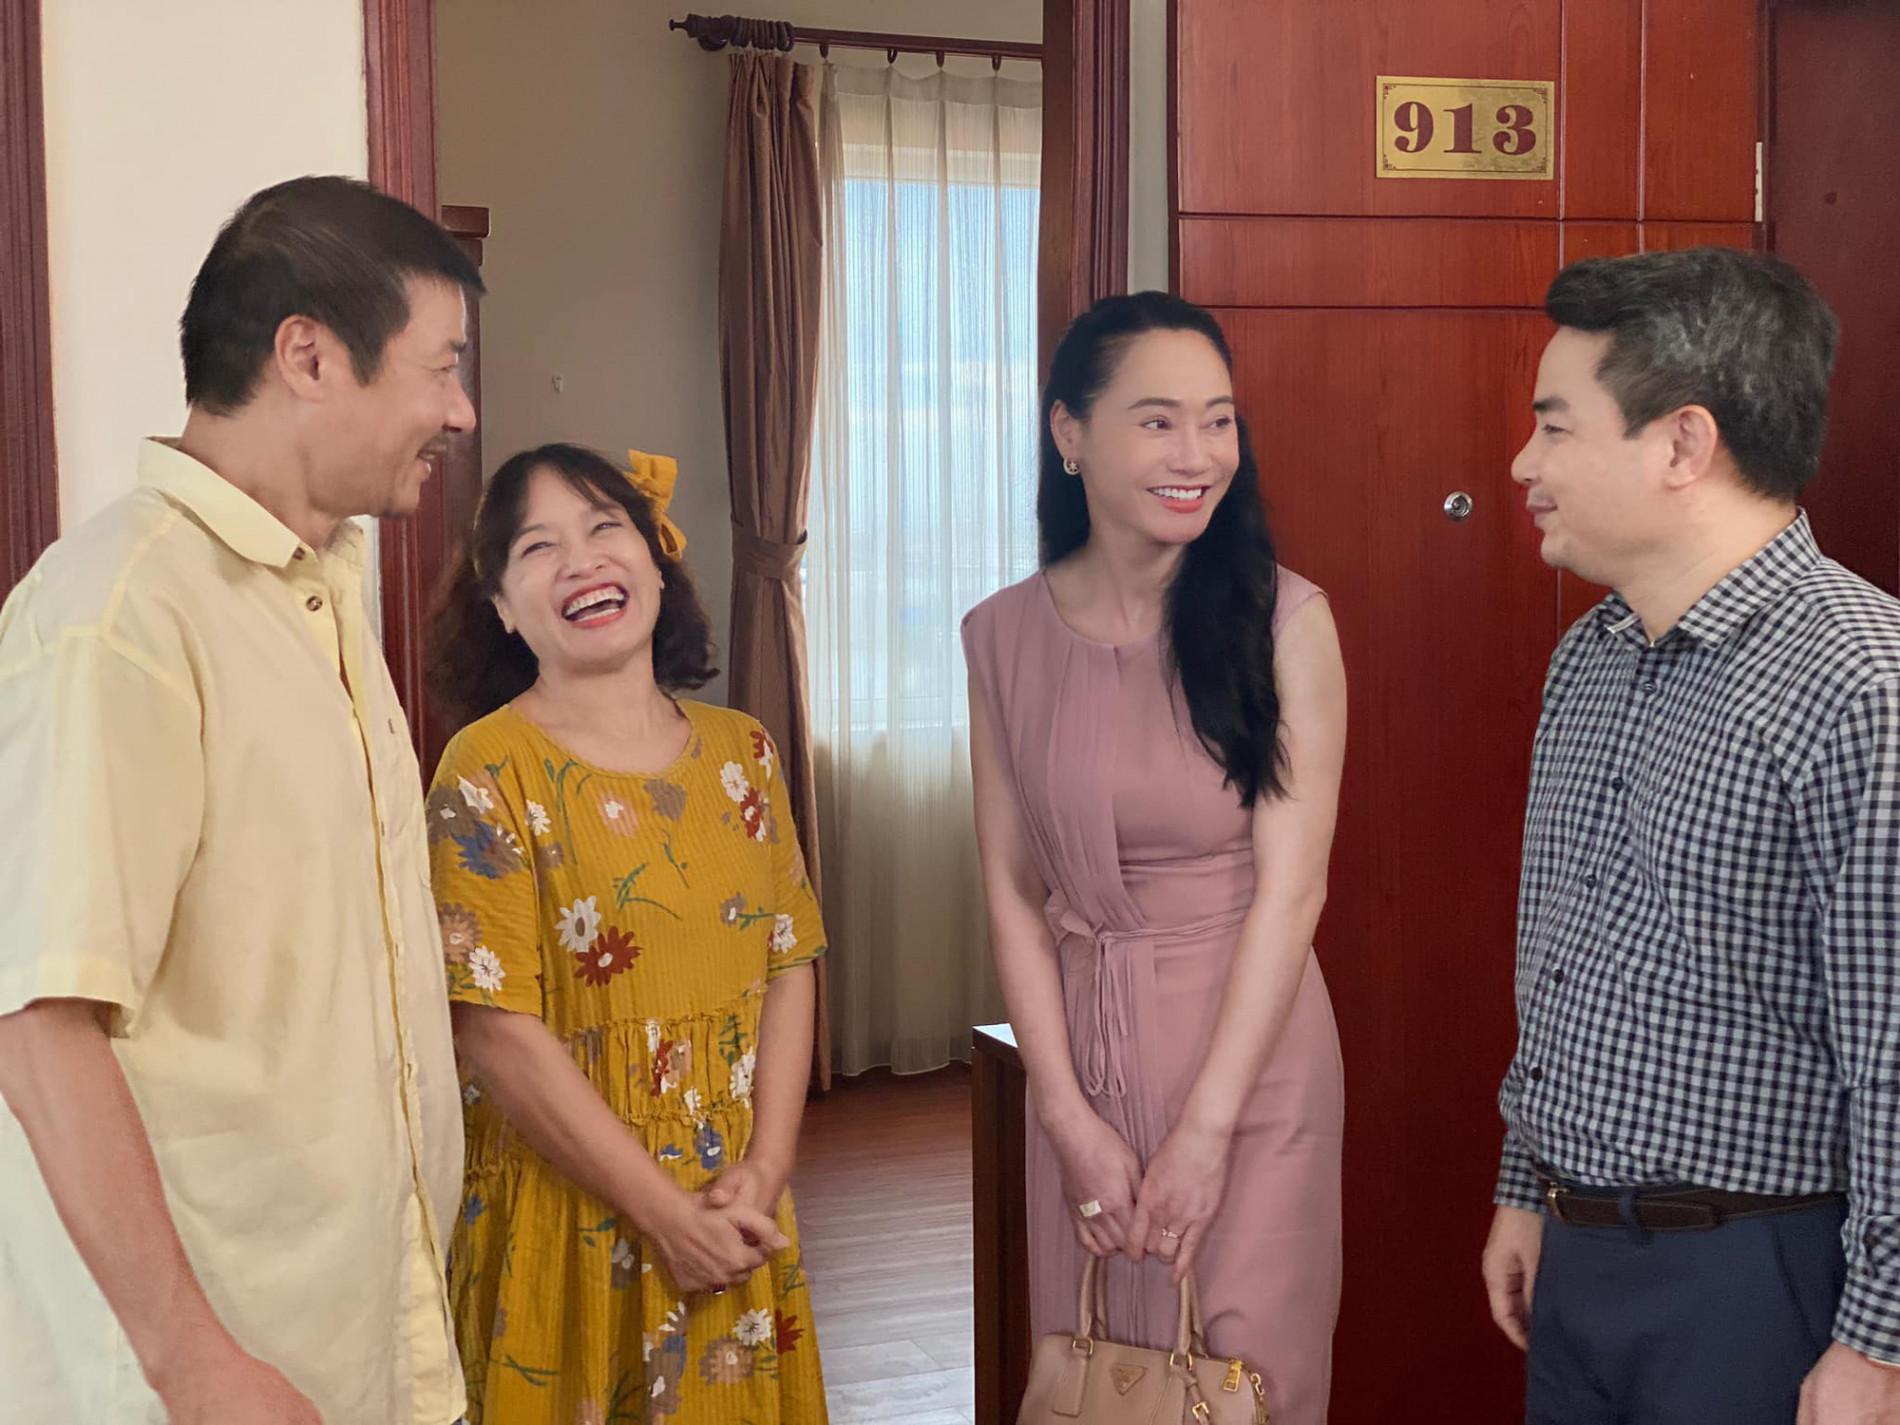 Hương vị tình thân: Lộ cảnh bà Xuân đến nhà cũ của Nam gặp ông Sinh - Ảnh 3.